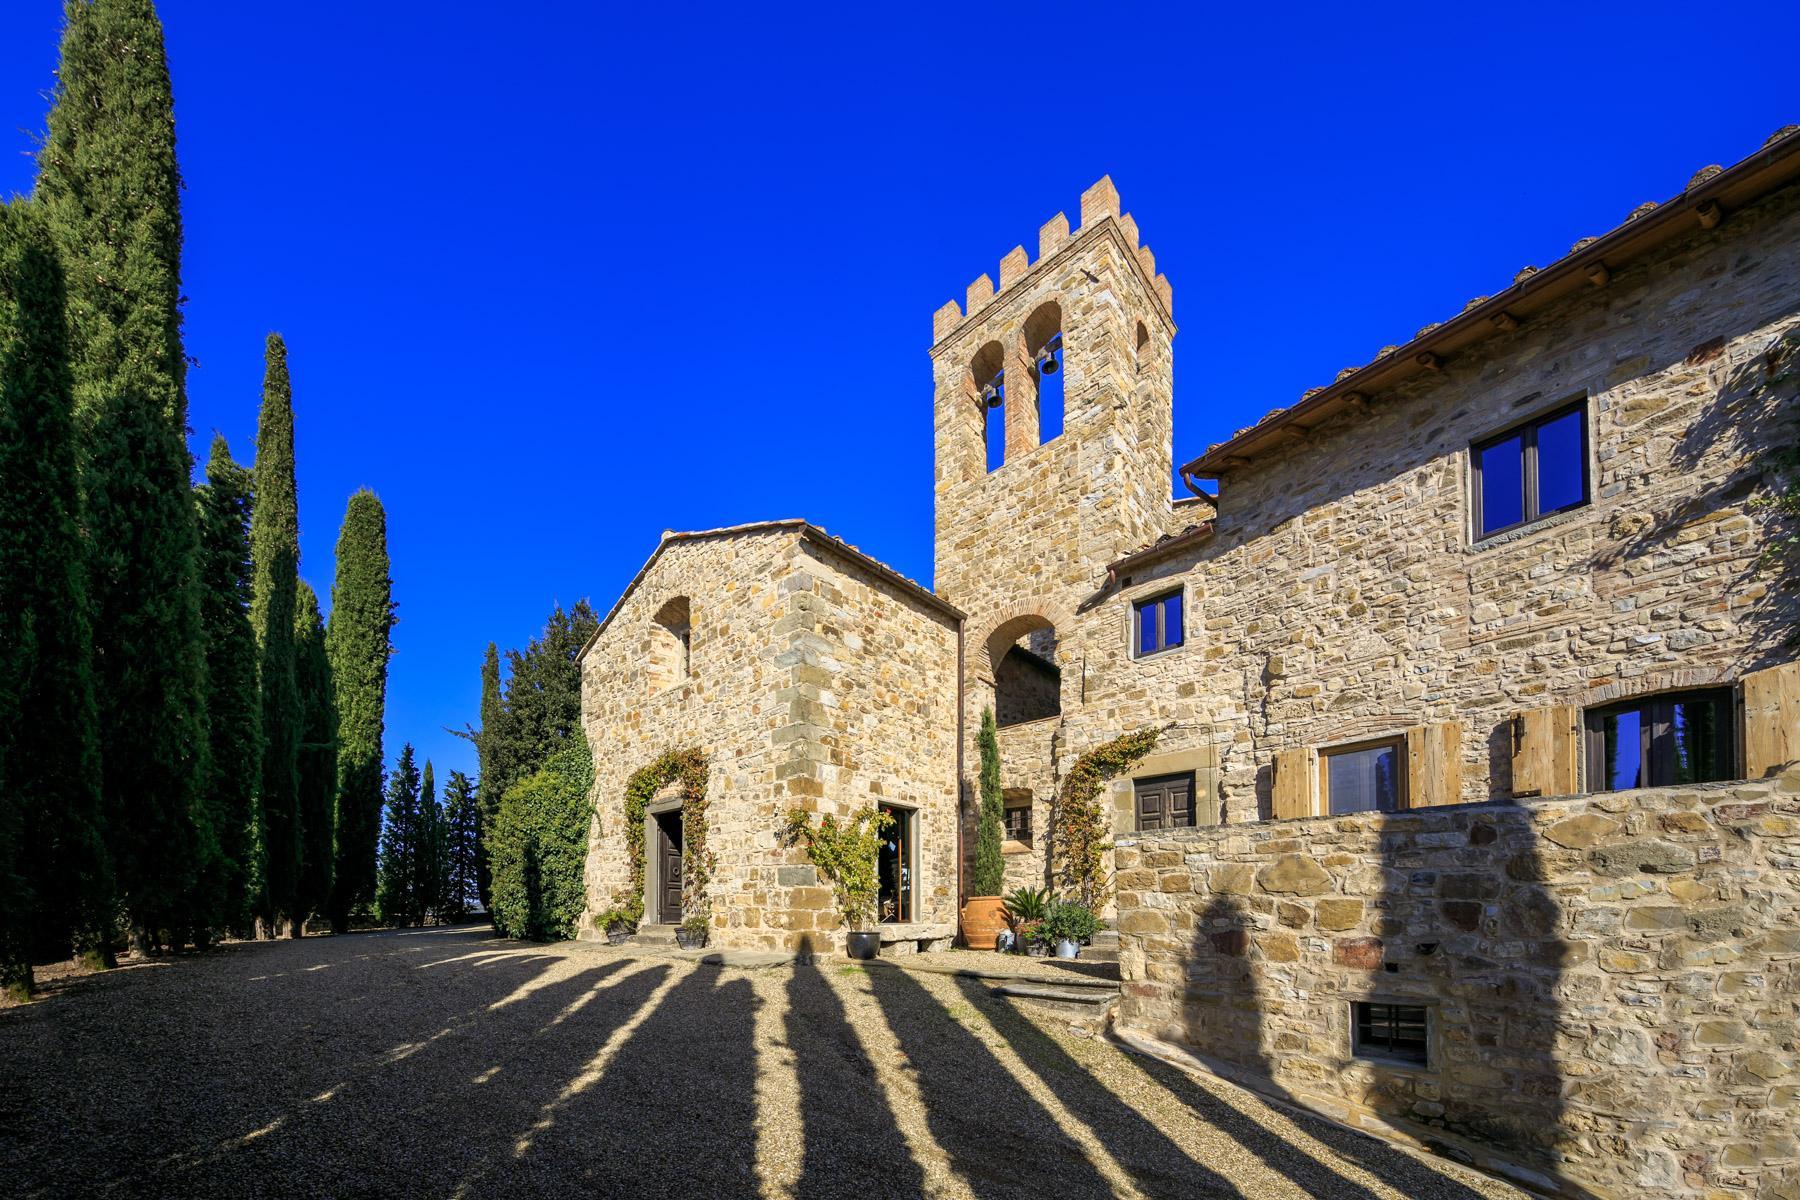 Schloss in der Nàhe von Radda in Chianti - 4